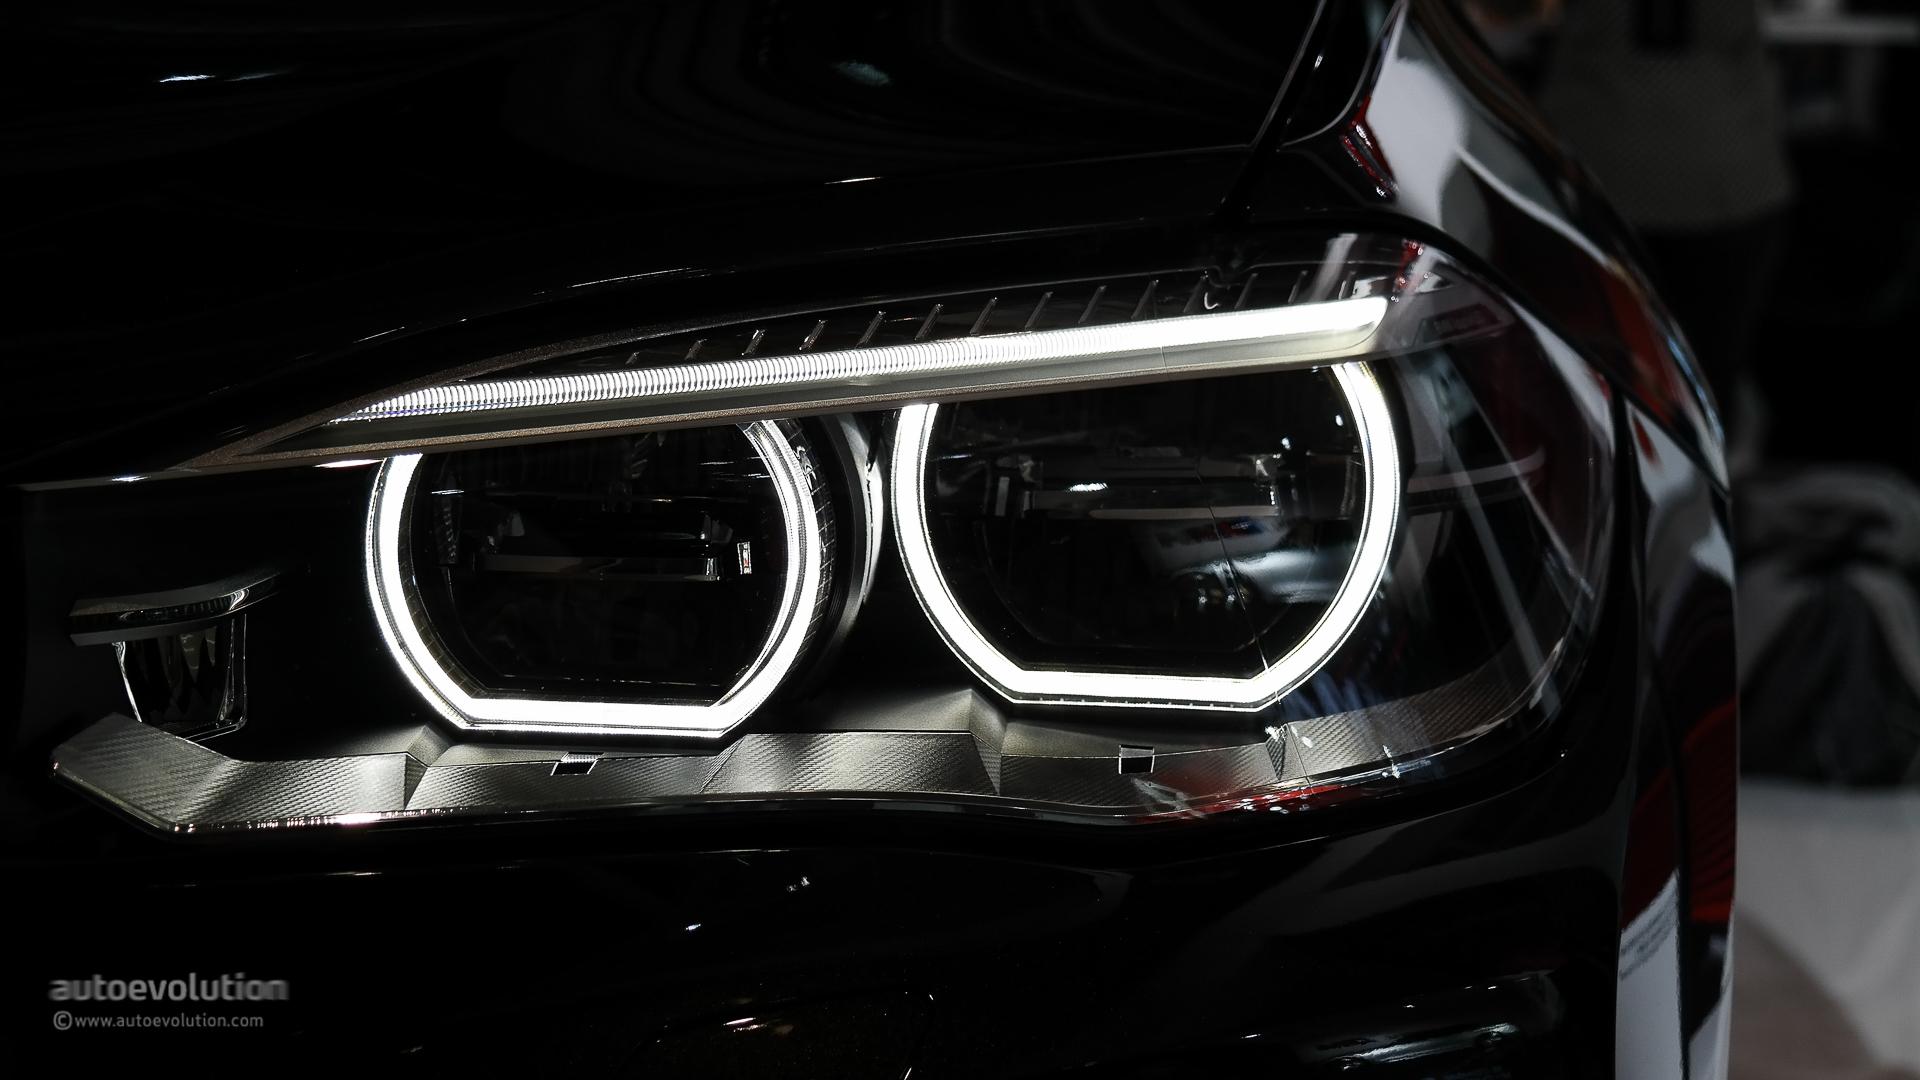 cars headlights at night wallpaper - photo #46